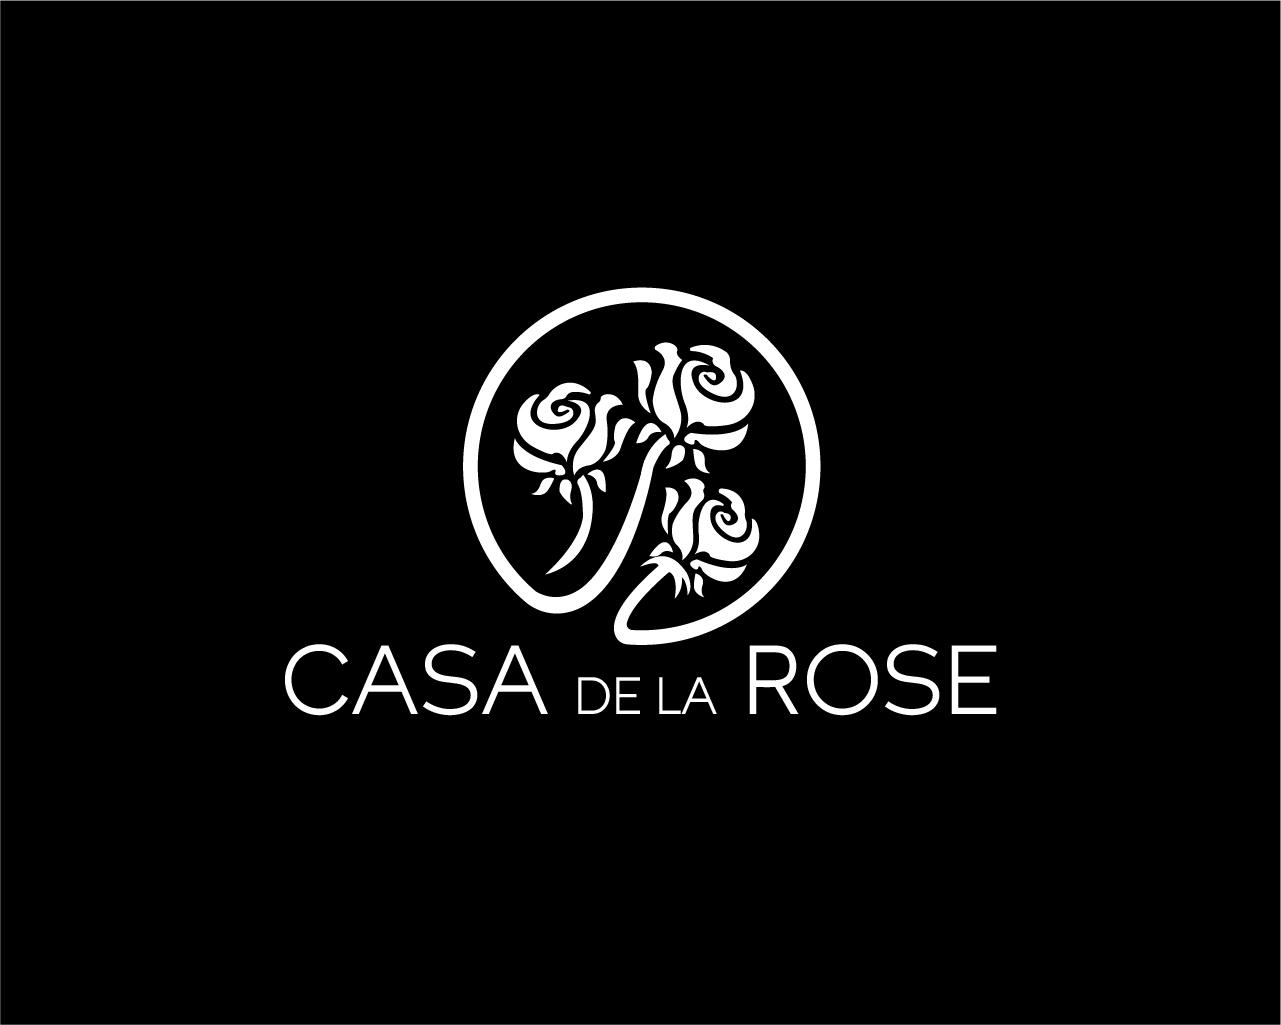 Логотип + Фирменный знак для элитного поселка Casa De La Rosa фото f_3715cd465a1abc96.jpg